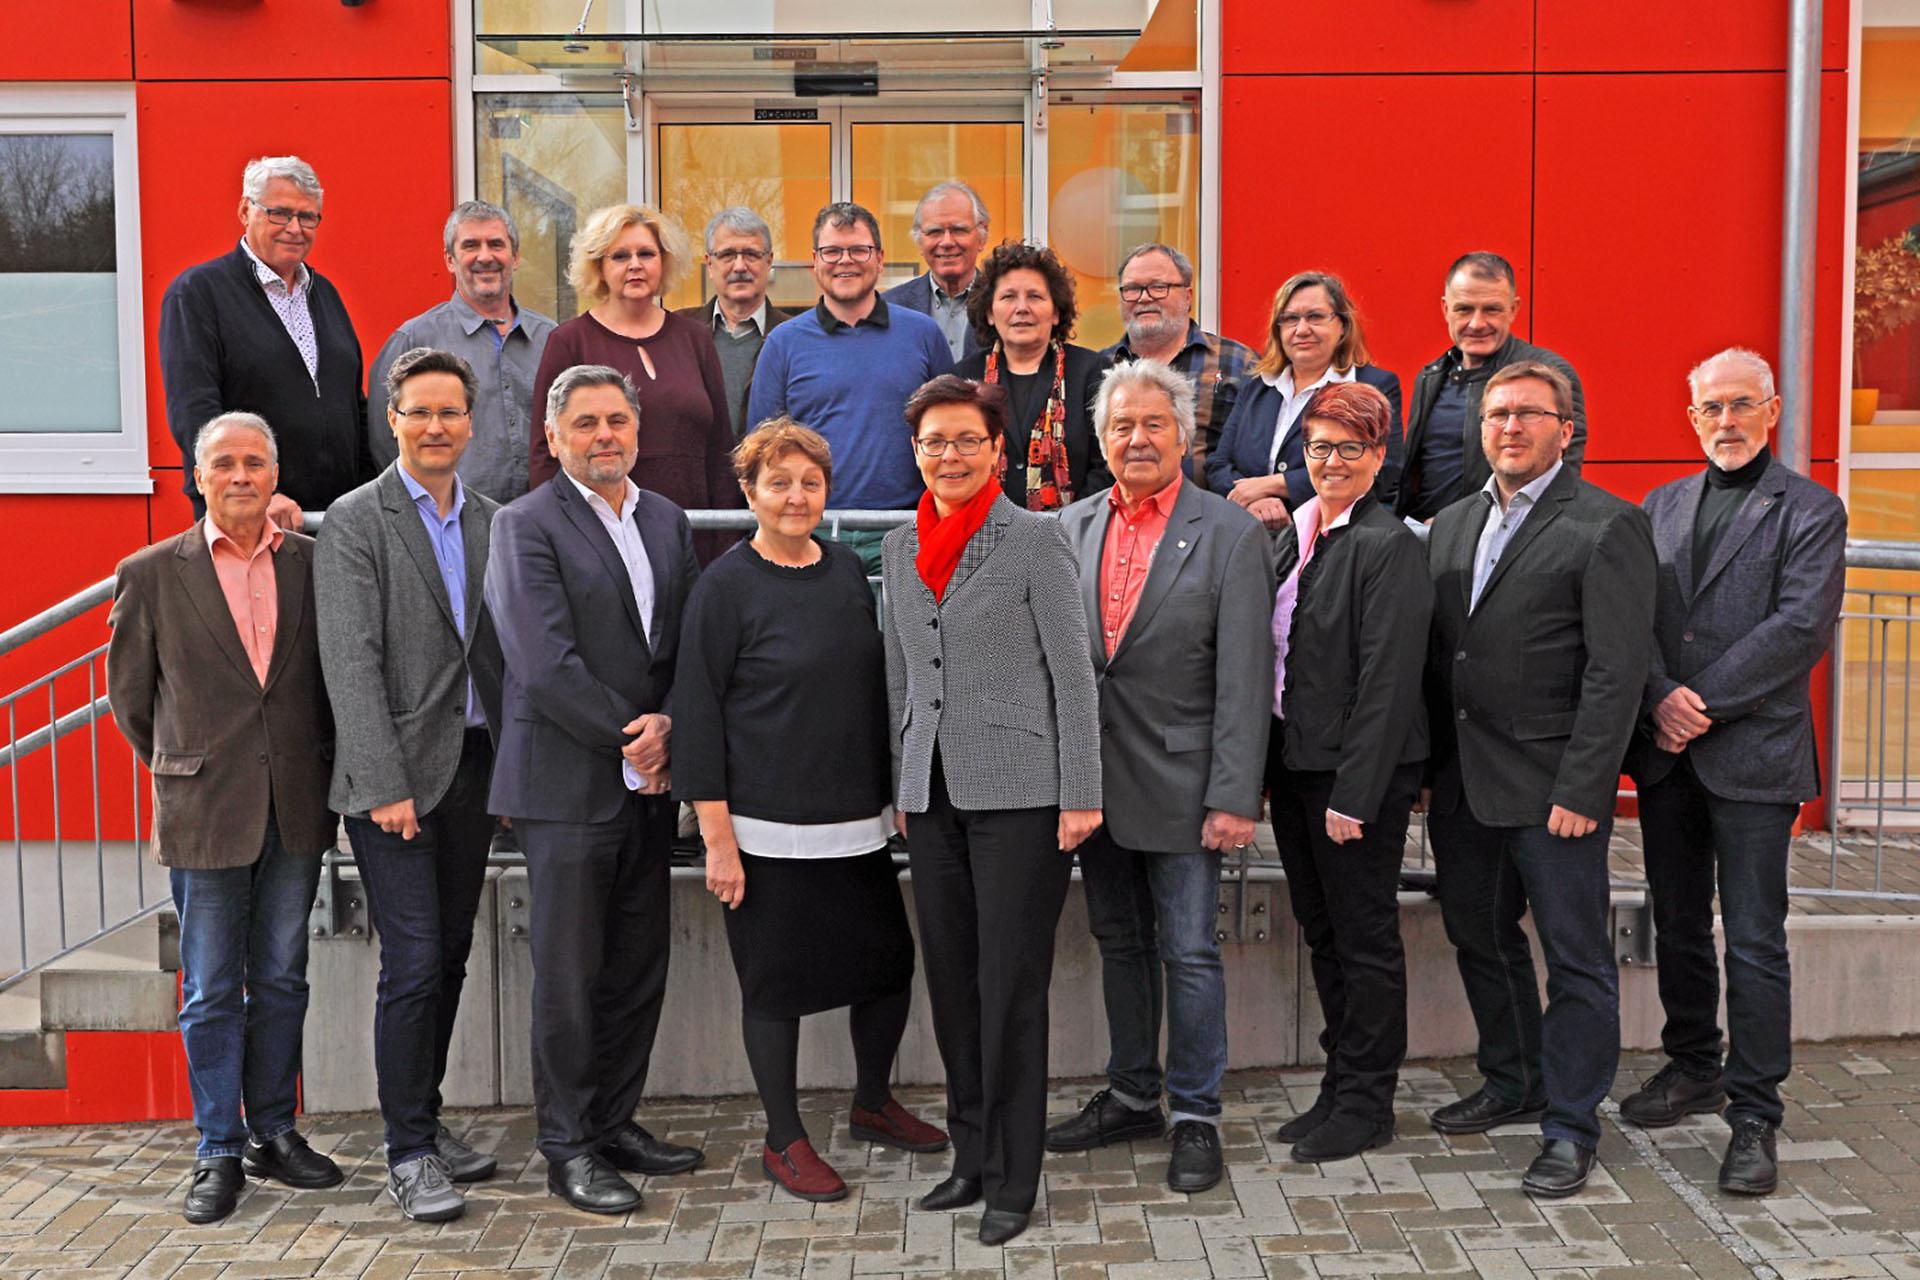 Landkreis Greiz: SPD setzt auf Kontinuität mit eigenen Akzenten